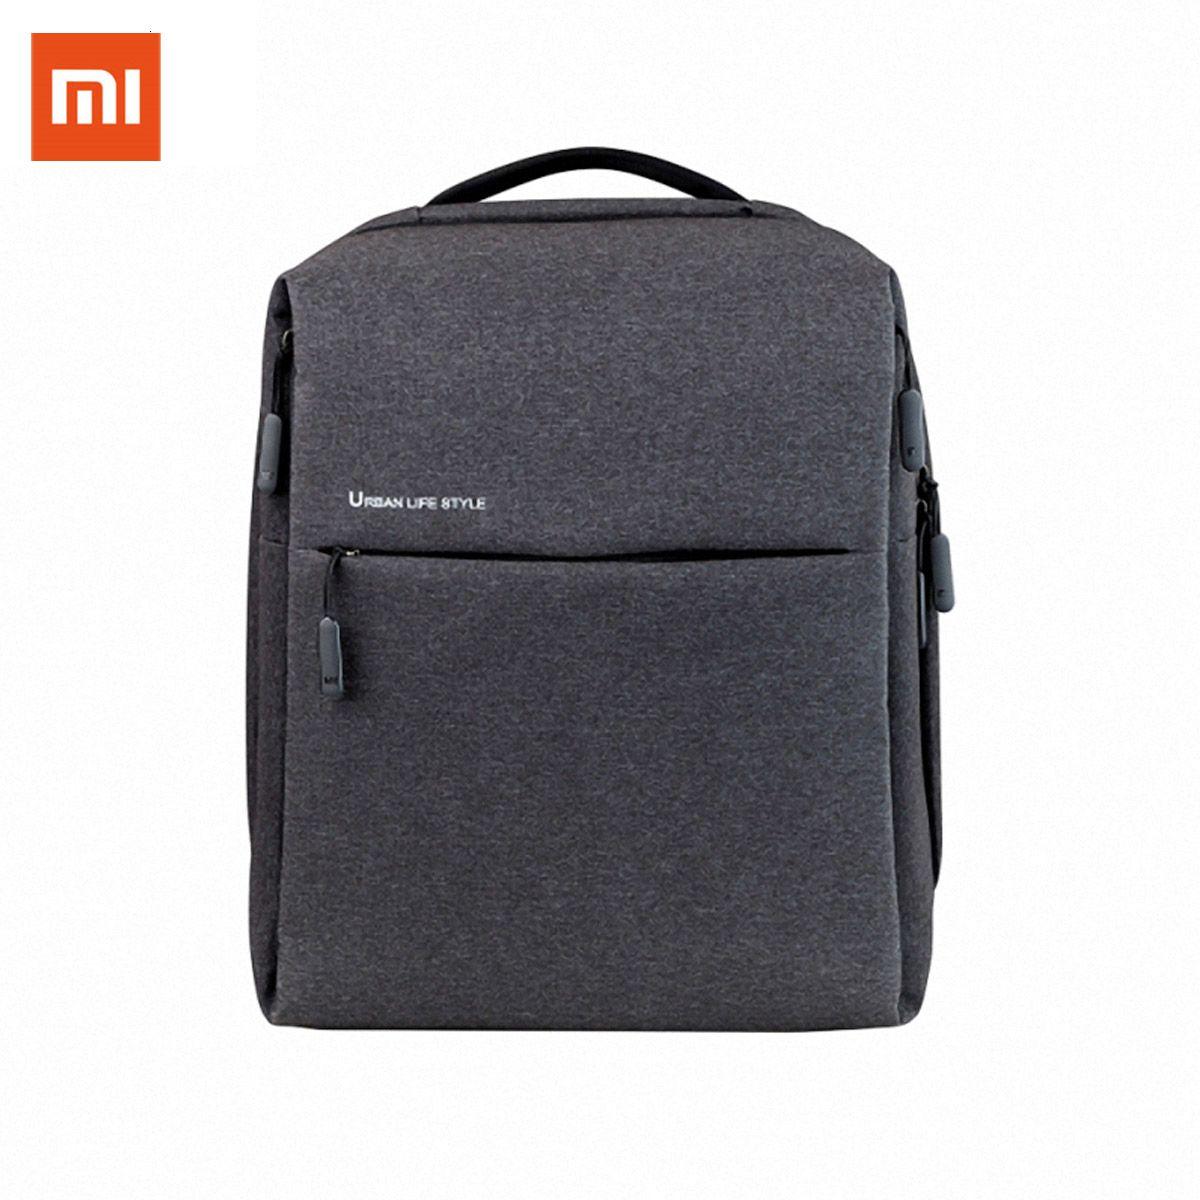 Оригинальный Xiaomi Mi Рюкзак Urban Стиль жизни Плечи OL мешок рюкзака рюкзака Школьница мешок вещевой мешок 14 дюймов Сумки для ноутбуков CJ191201